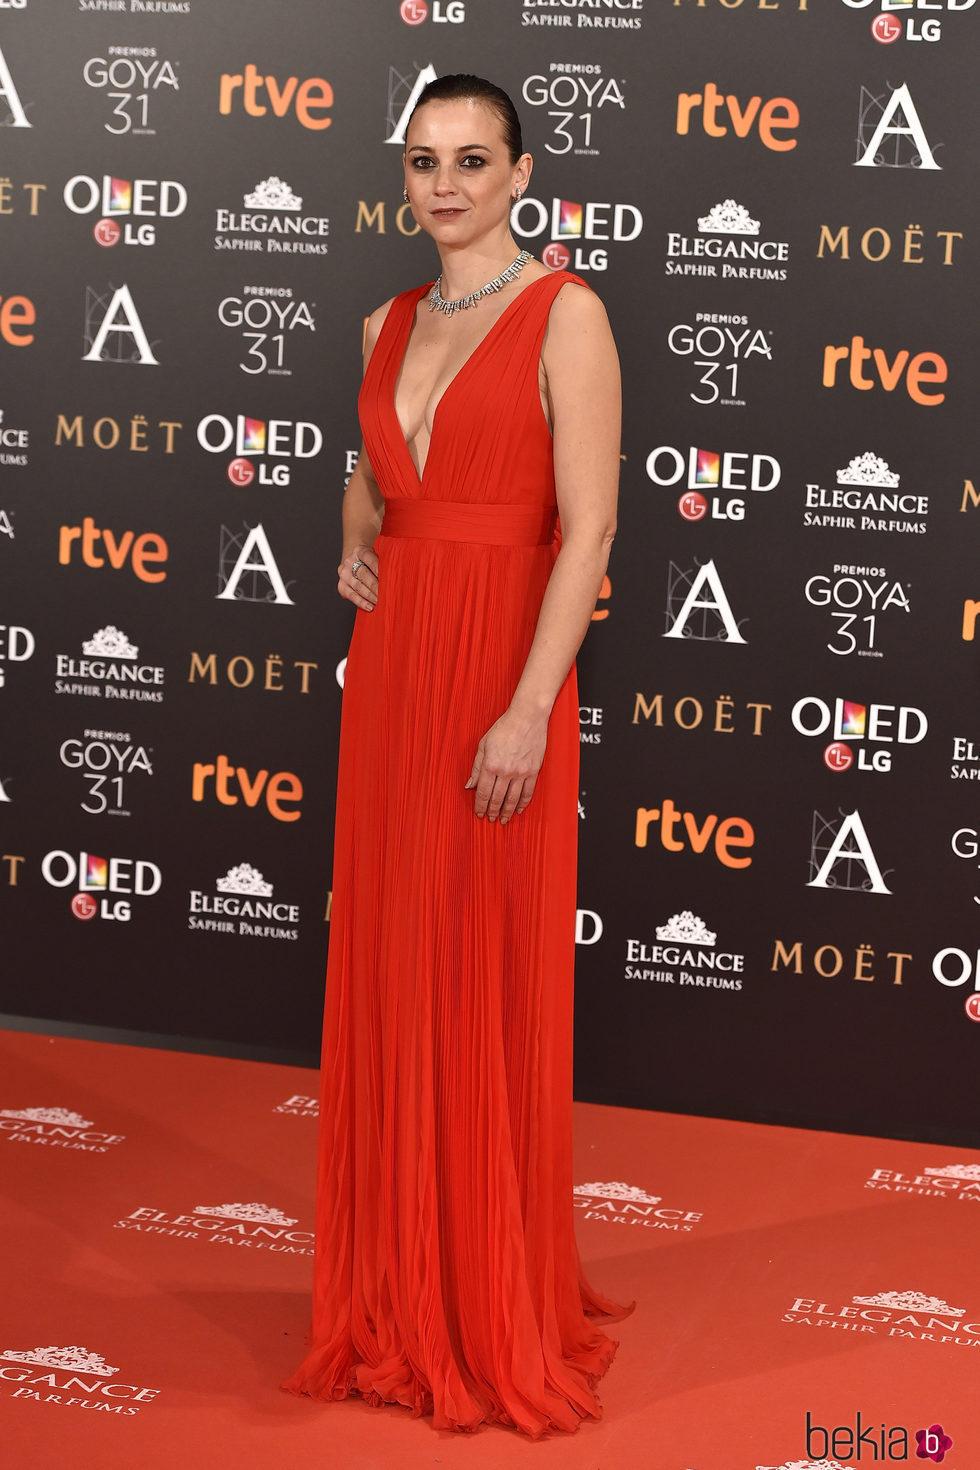 Leonor Watling en la alfombra roja de los Premios Goya 2017